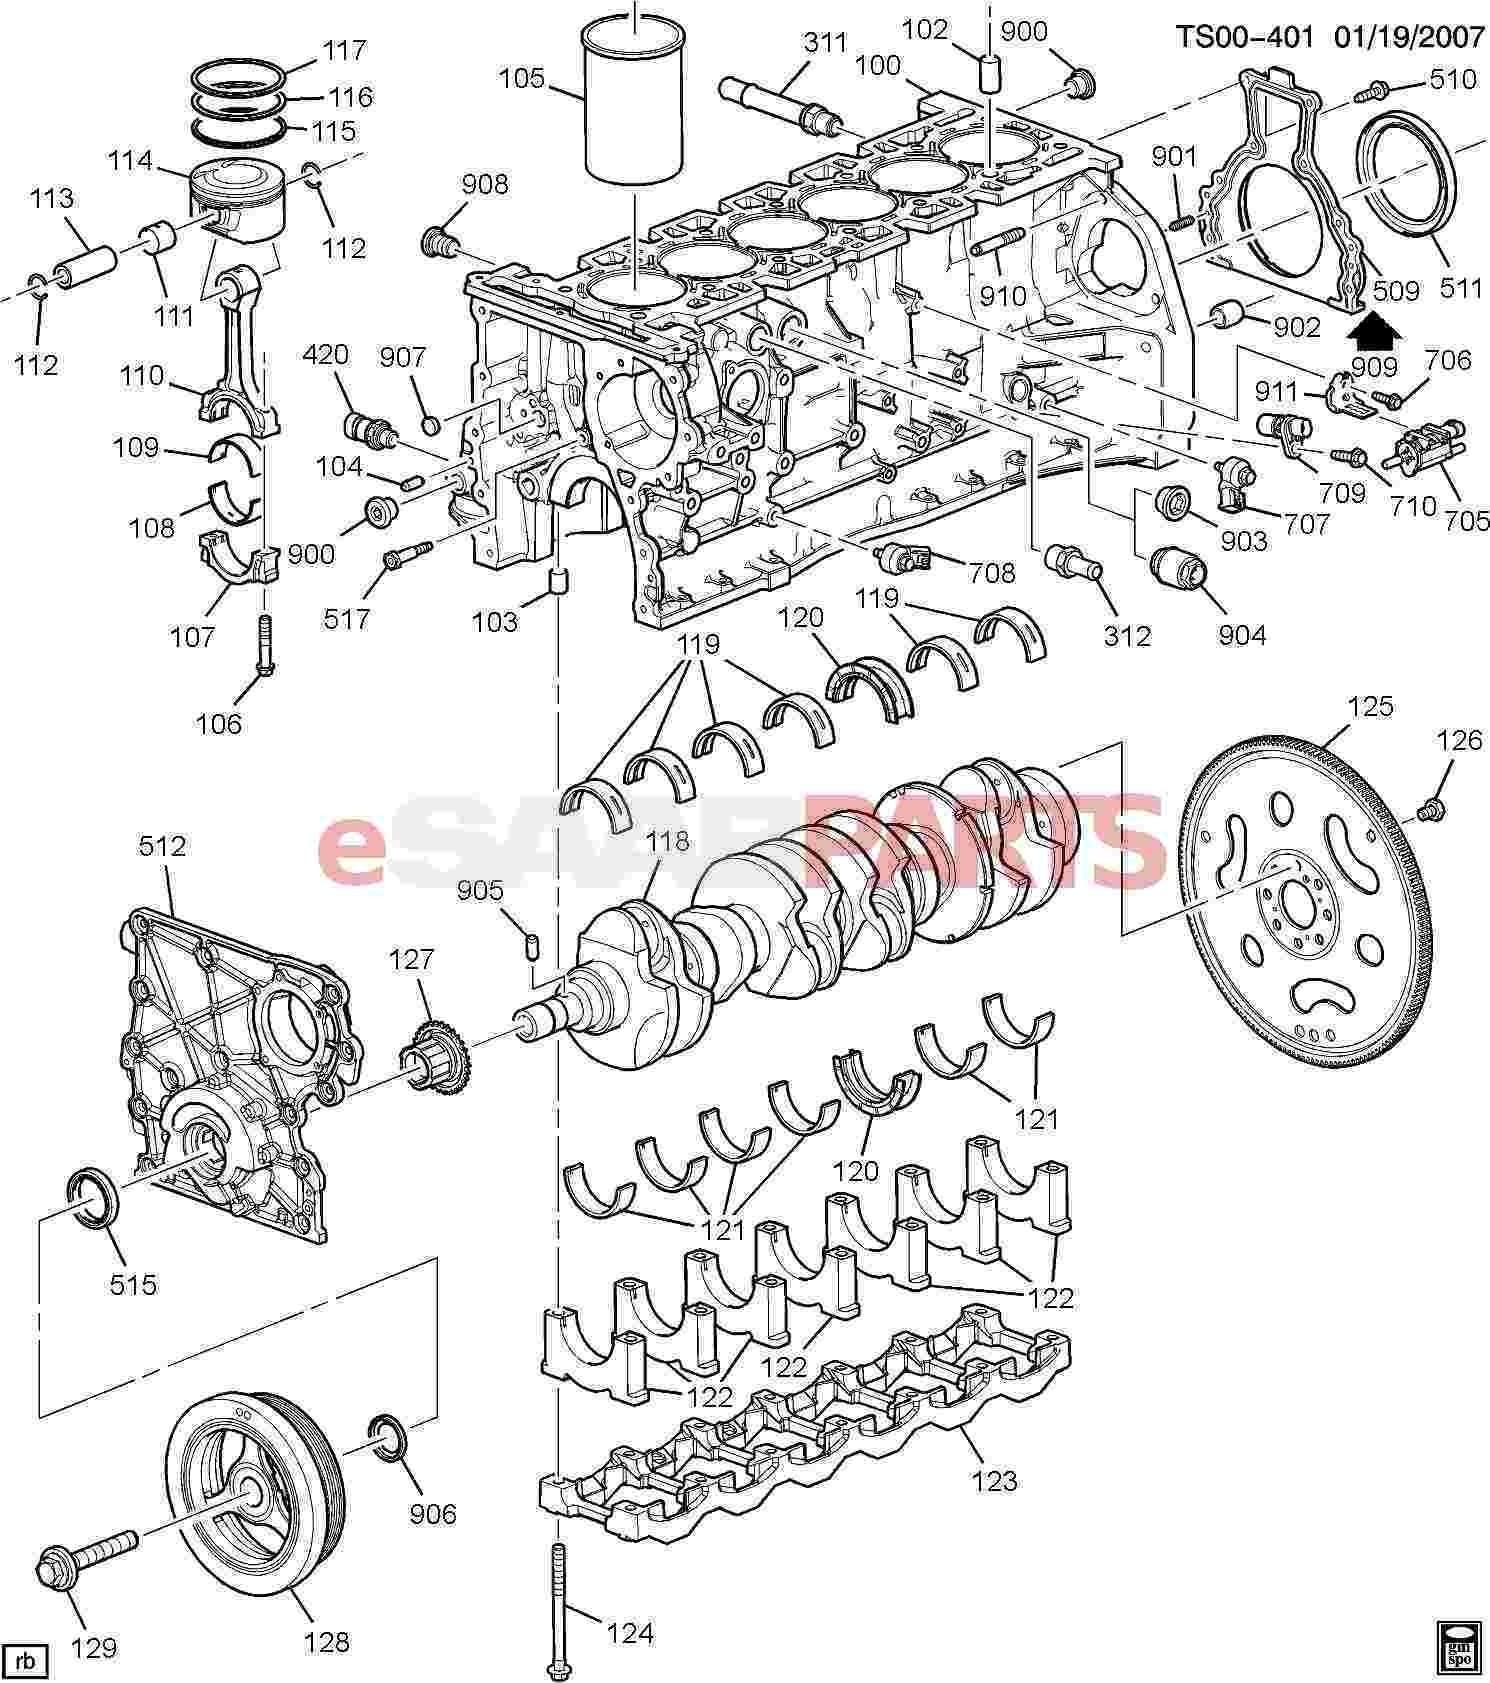 Saab 900 Engine Diagram Auto Engine Parts Diagram ] Saab Plug M16x1 5—14 24 Od society Of Saab 900 Engine Diagram